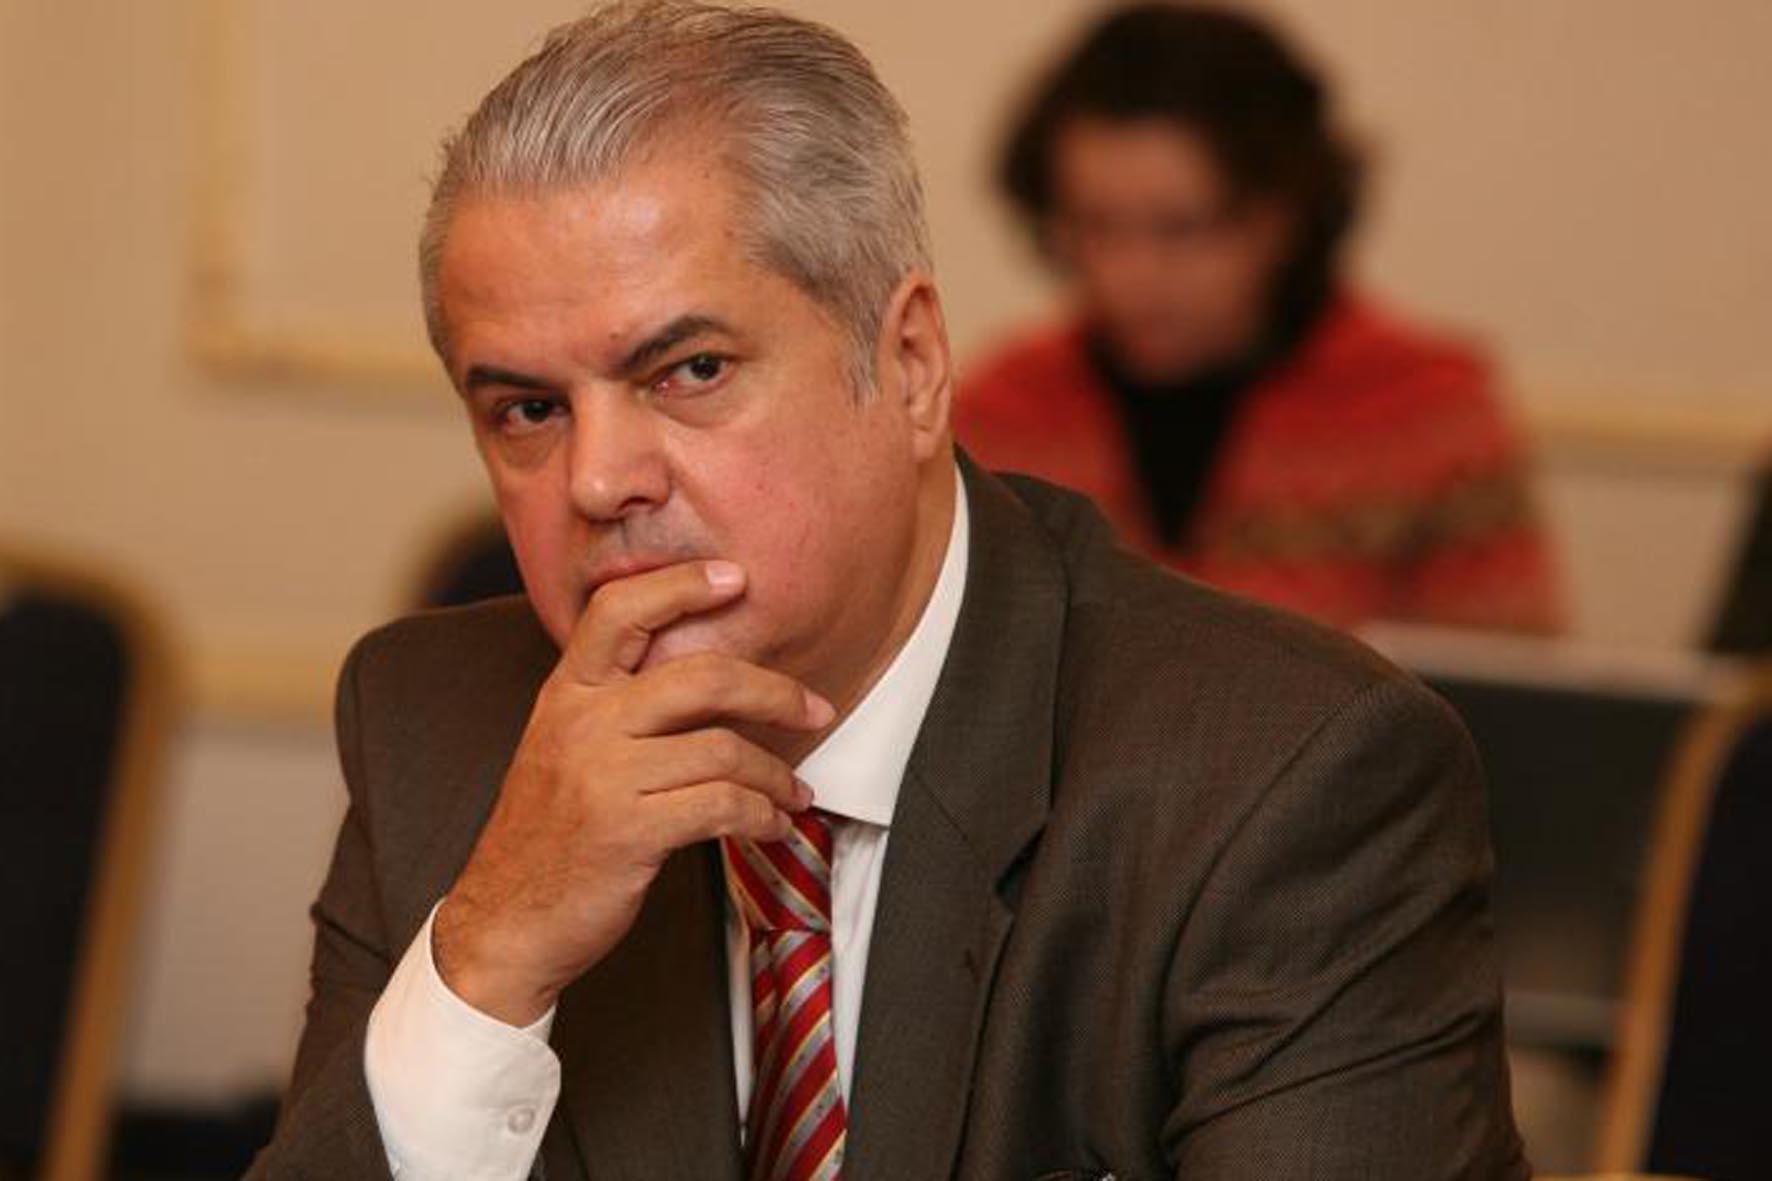 Adrian Năstase, condamnat la 4 ani de închisoare cu executare în dosarul Zambaccian. Dana Năstase, 3 ani cu suspendare